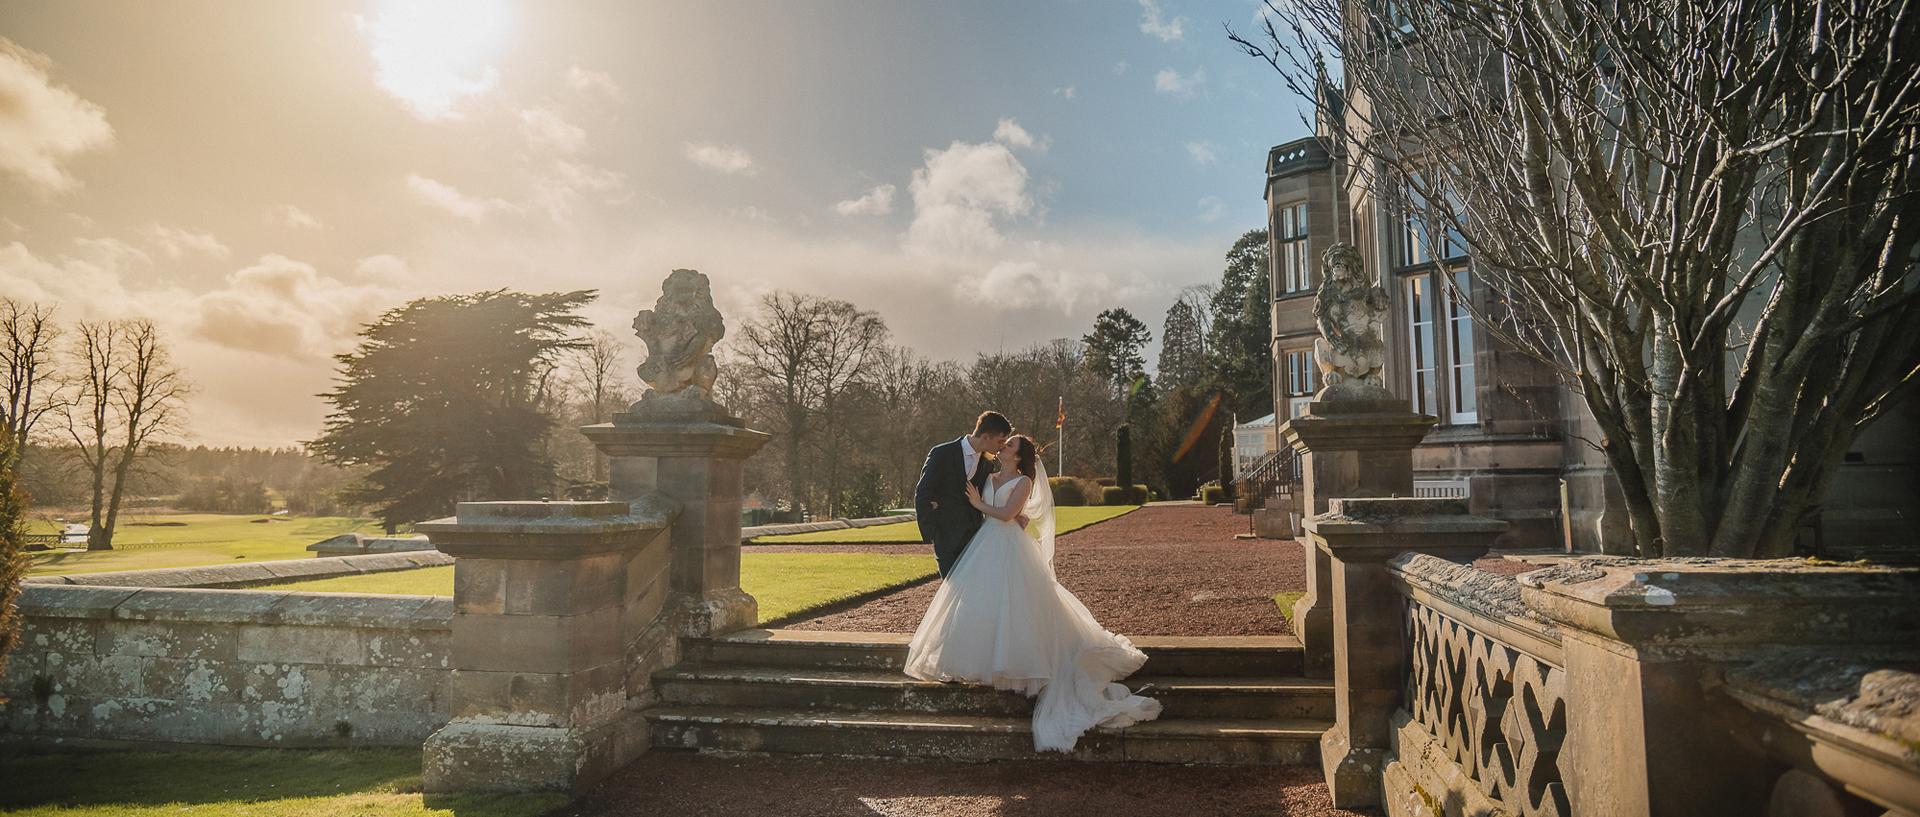 Top 5 Wedding Venues: Part 5 - Matfen Hall